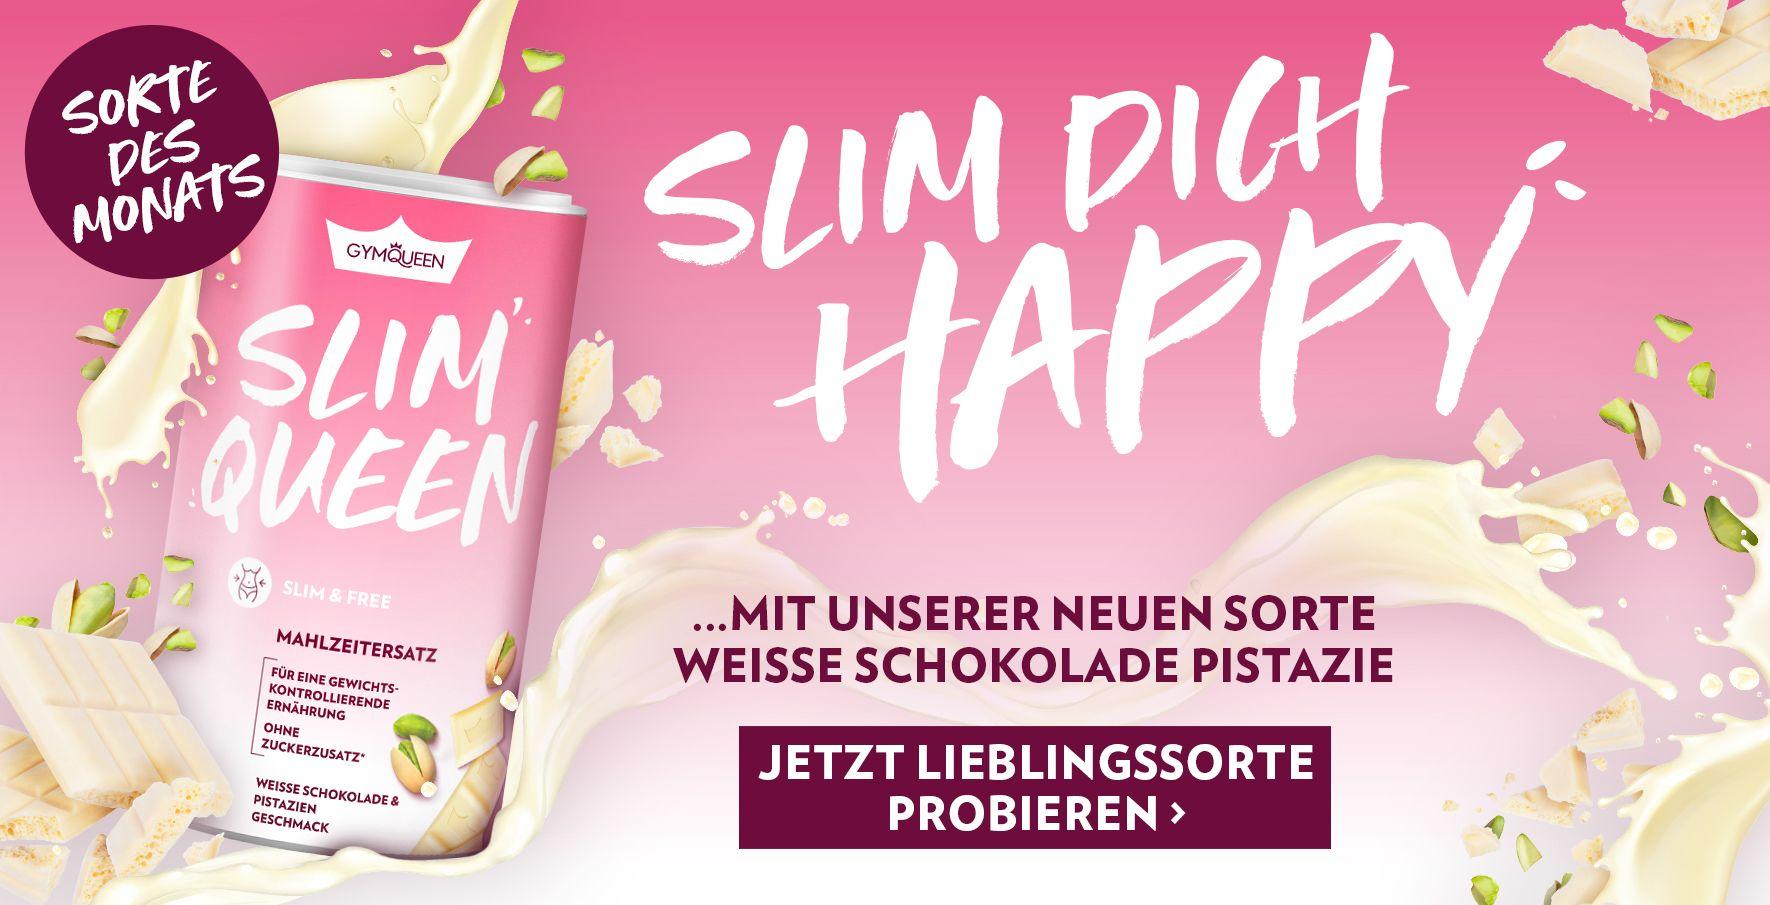 Slim Queen - die Sorte des Monats: Weiße Schokolade Pistazie - So macht Abnehmen Spaß!